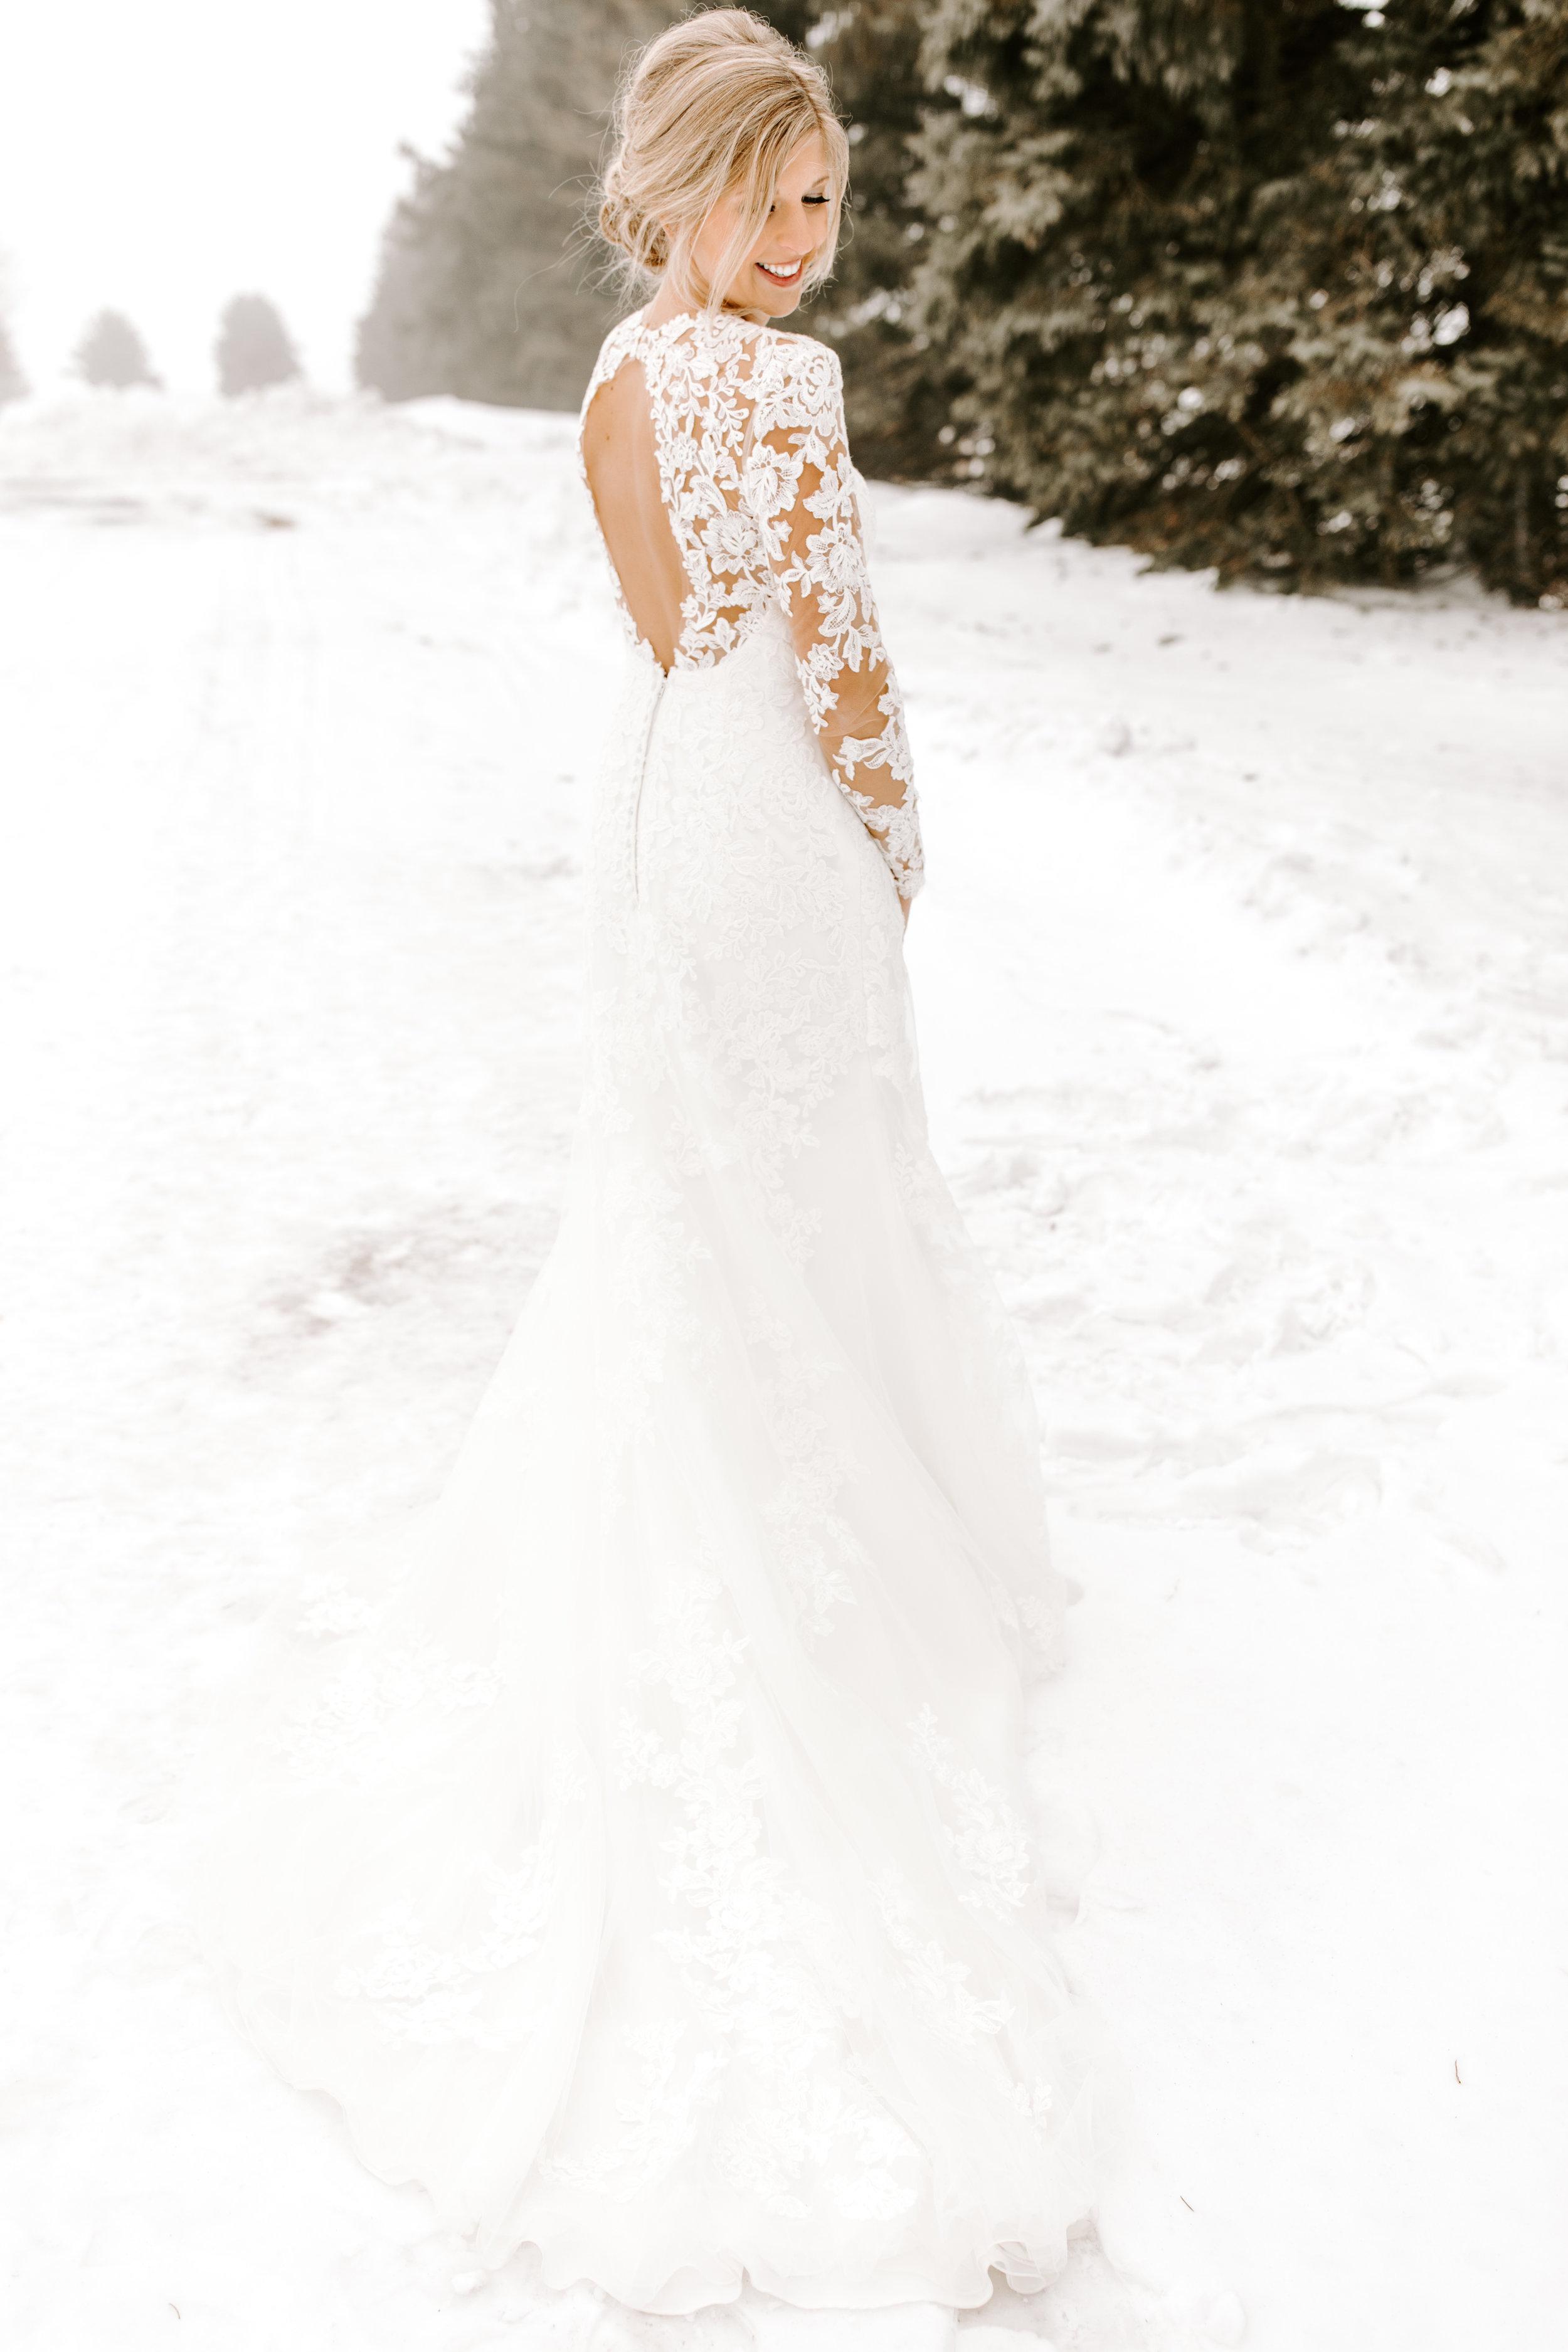 STADHEIM WED | Katie Wilke Co327.jpg